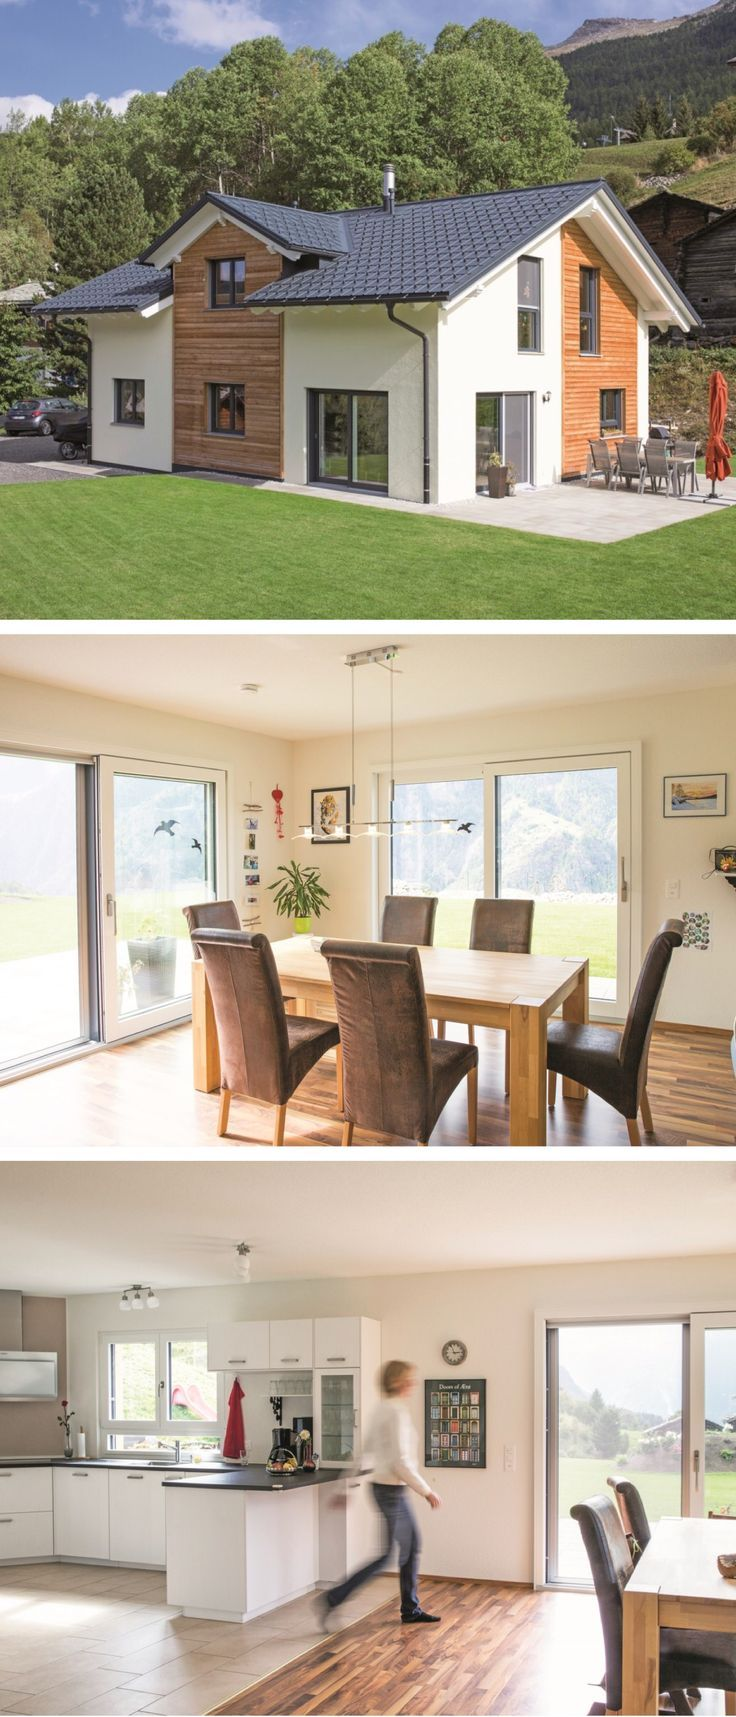 Satteldach-Haus modern im Alpenstil mit Holzfassade – Einfamilienhaus- Architektur WeberHaus Fertighaus Balance – HausbauDirekt.de   – aubenkuche.todaypin.com